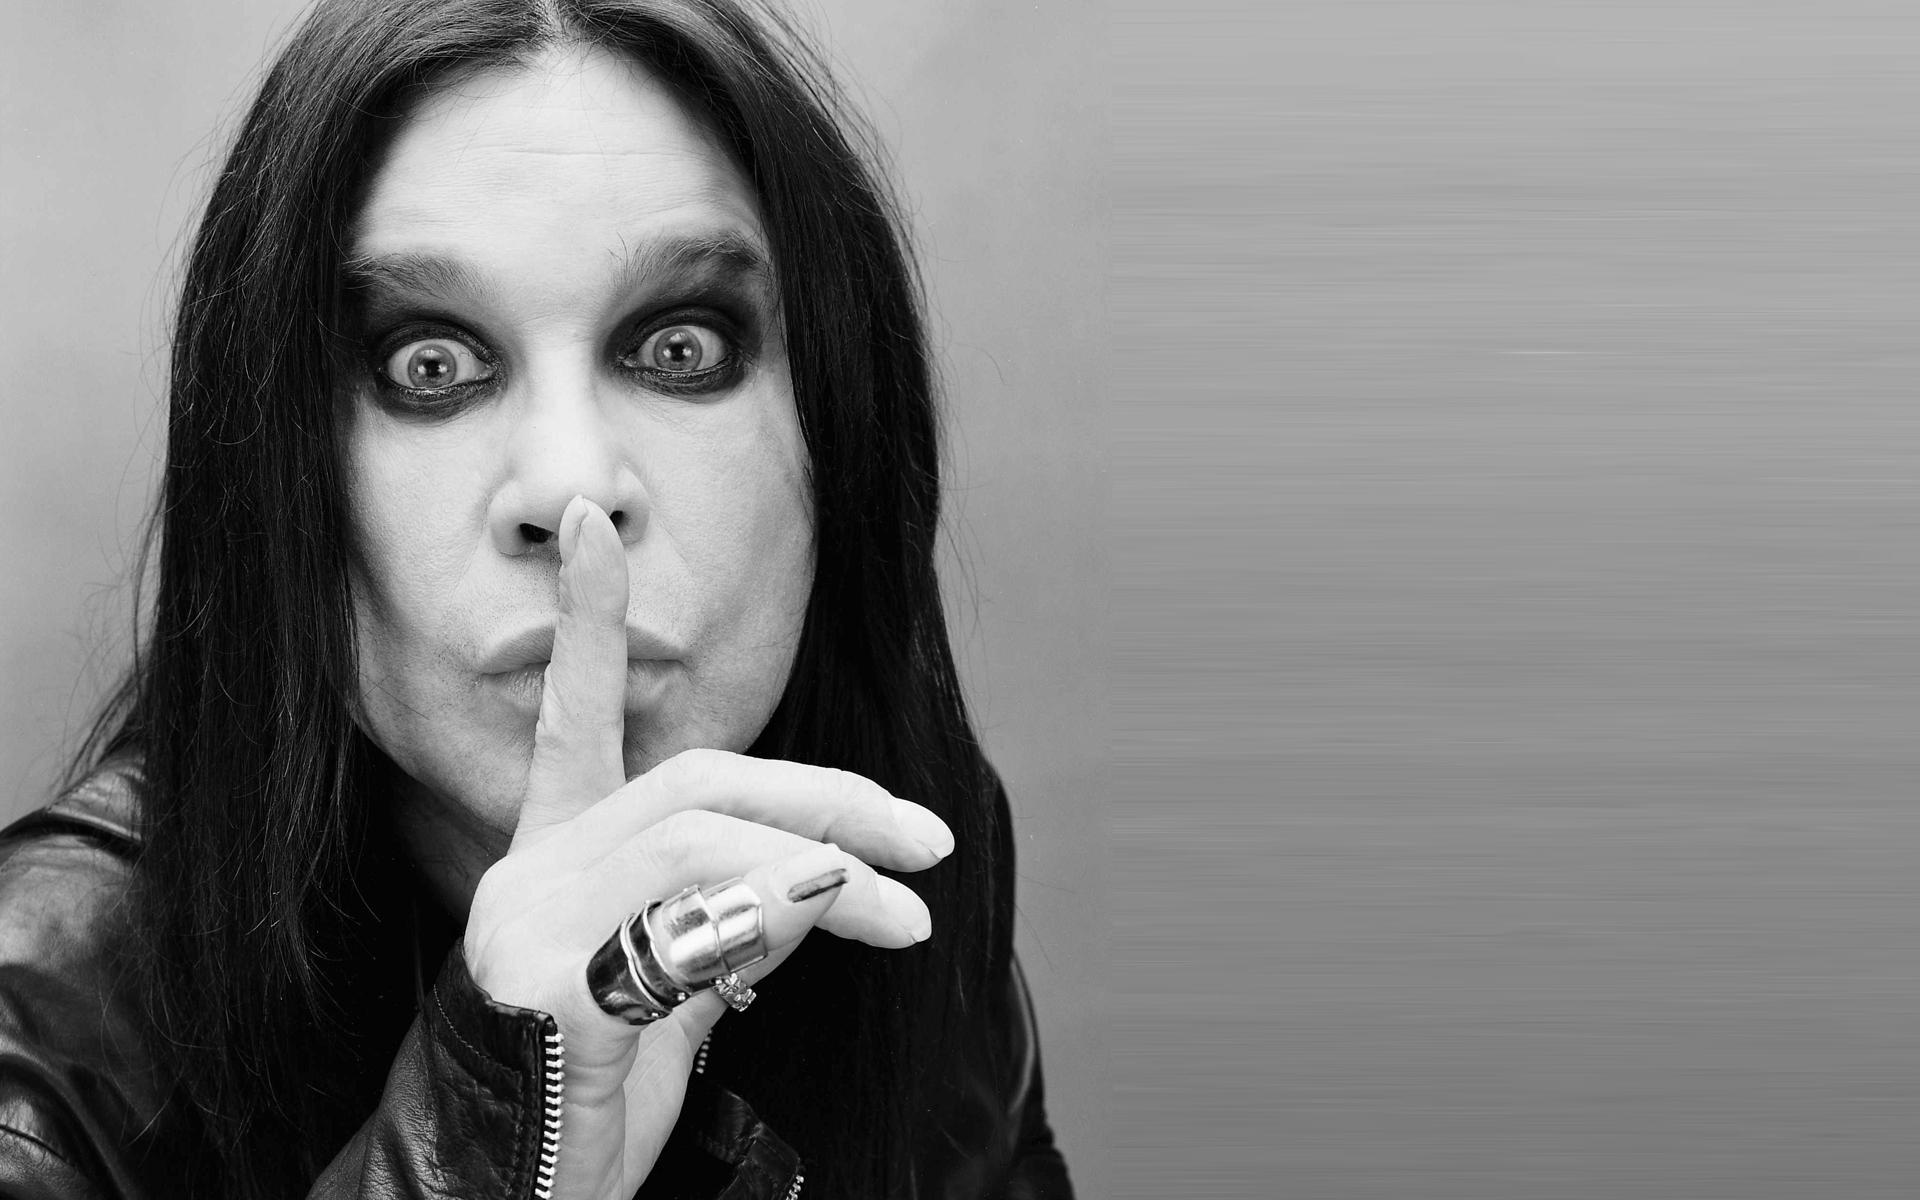 Photo of 'Terapia intensa' Ozzy Osbourne sometidos a la adicción al sexo Después de Asuntos Múltiples